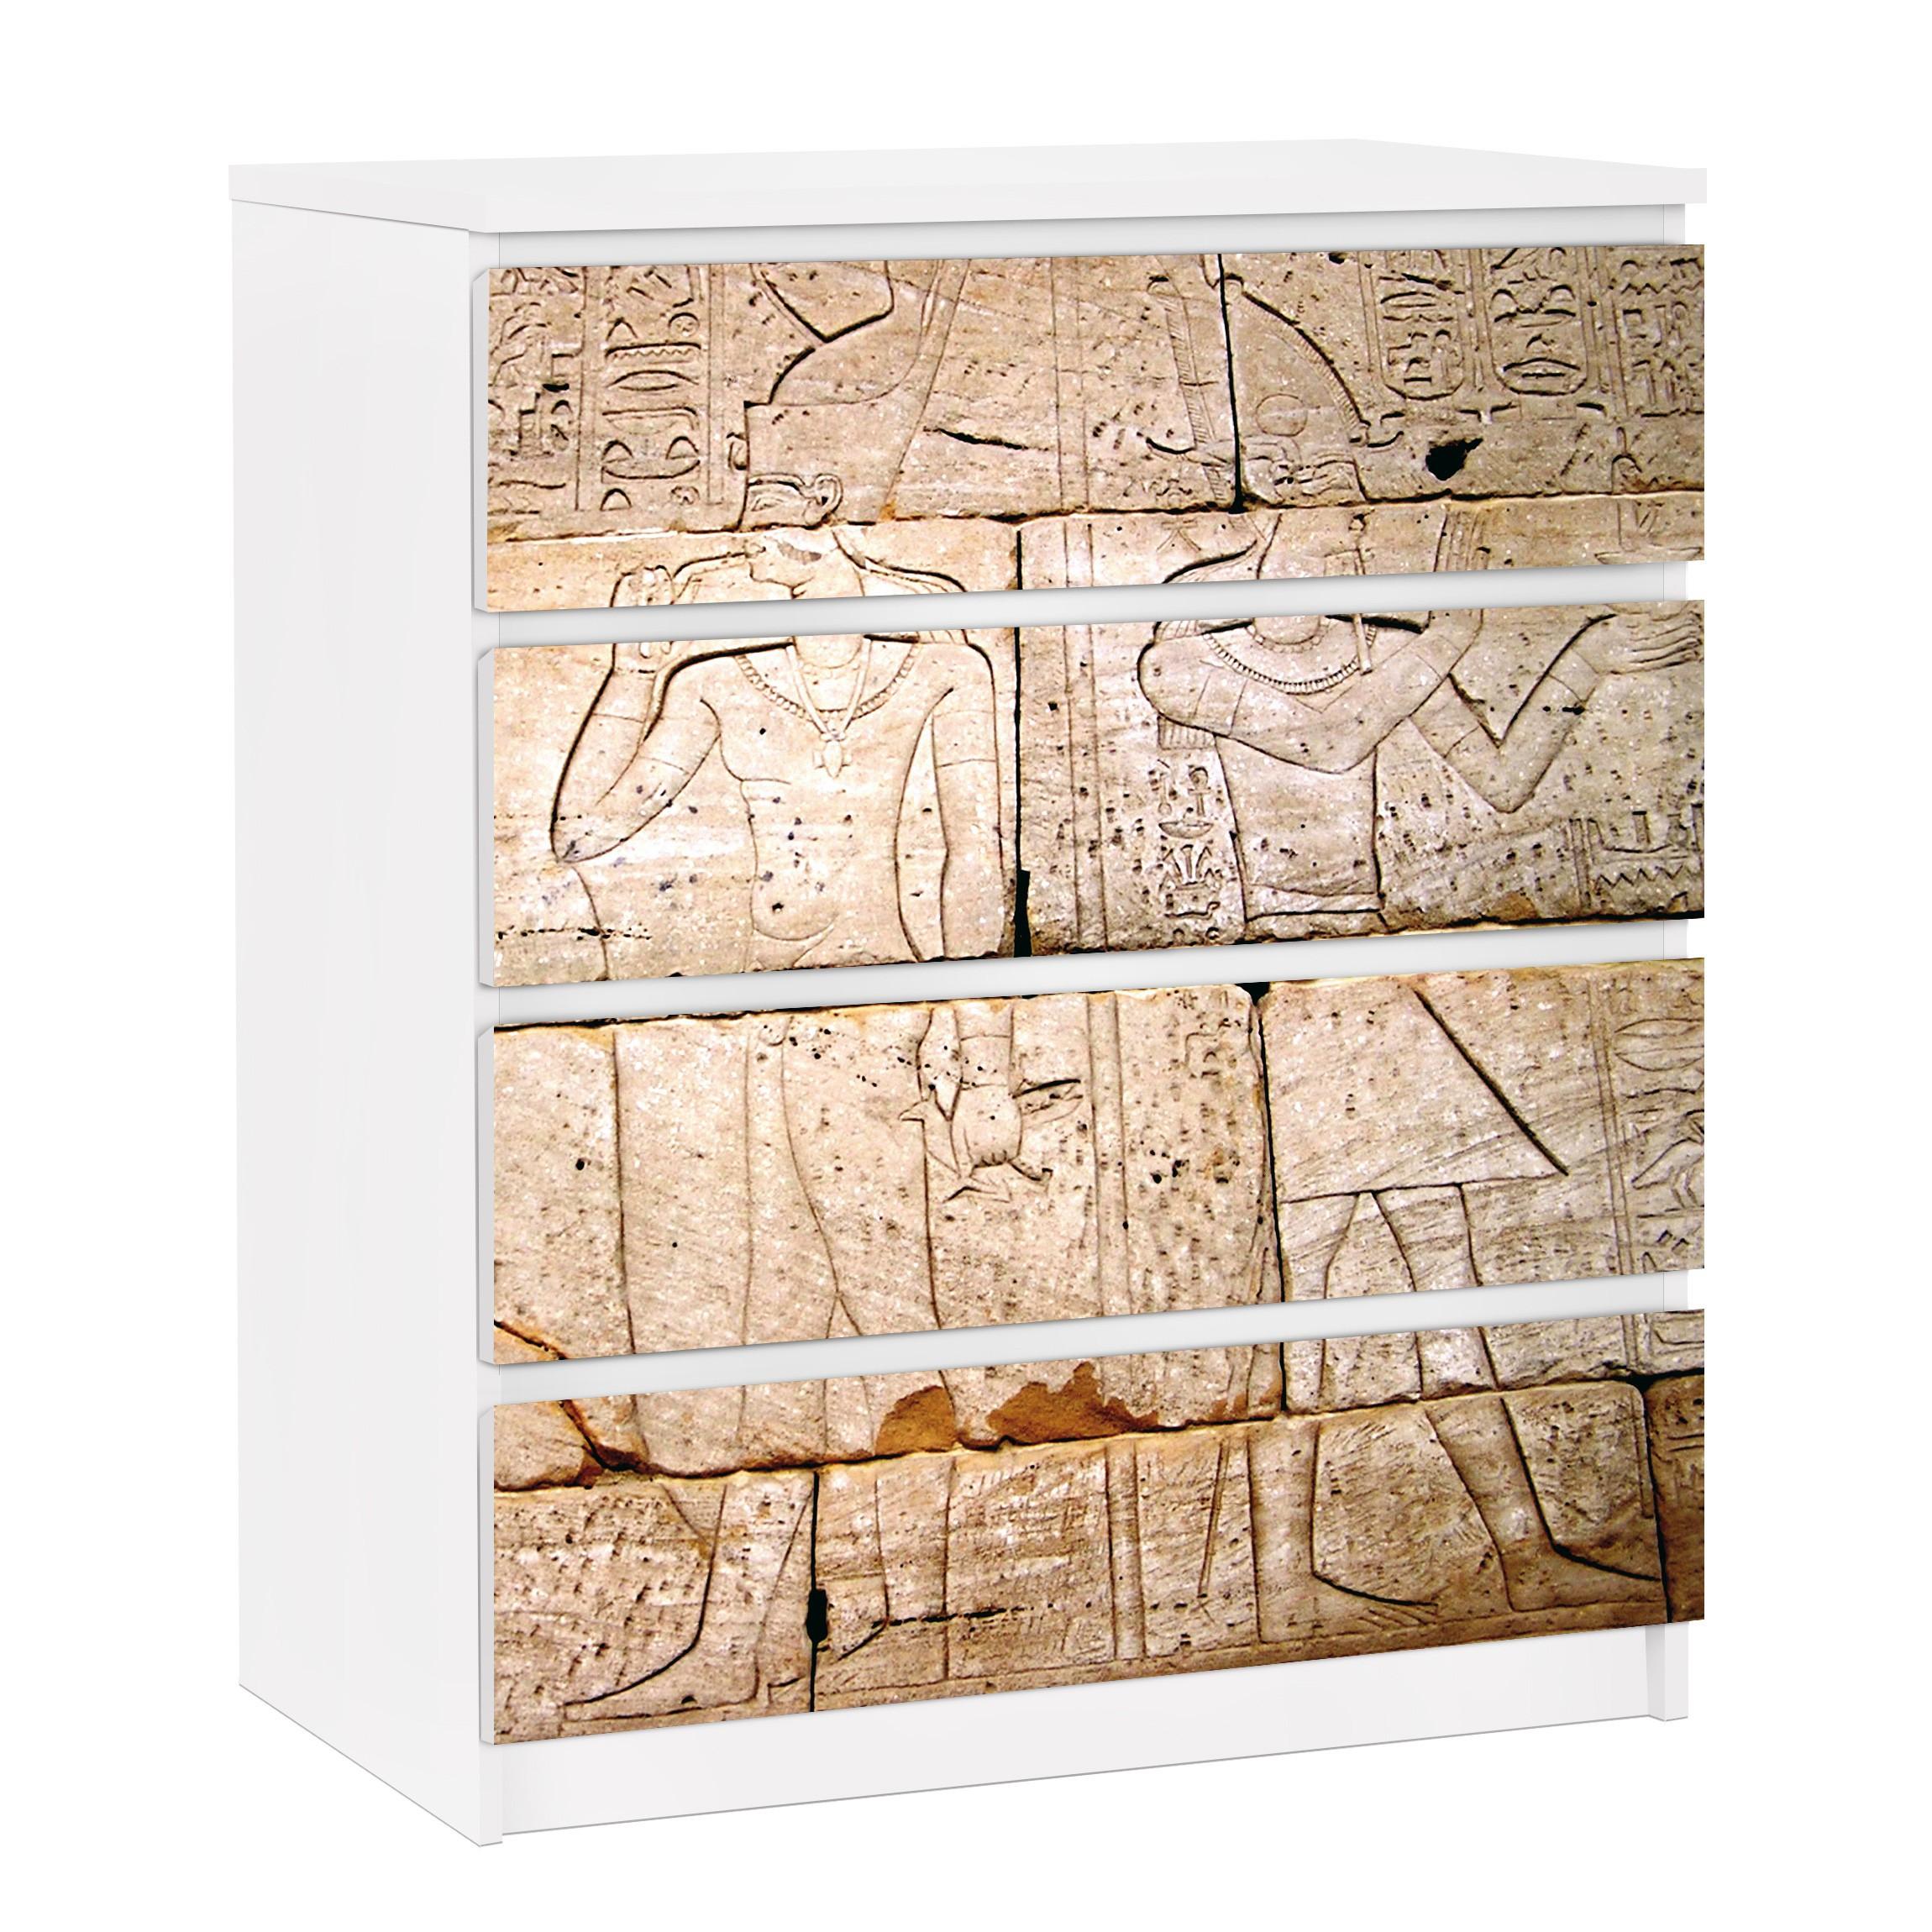 möbelfolie für ikea malm kommode - selbstklebende folie egypt relief